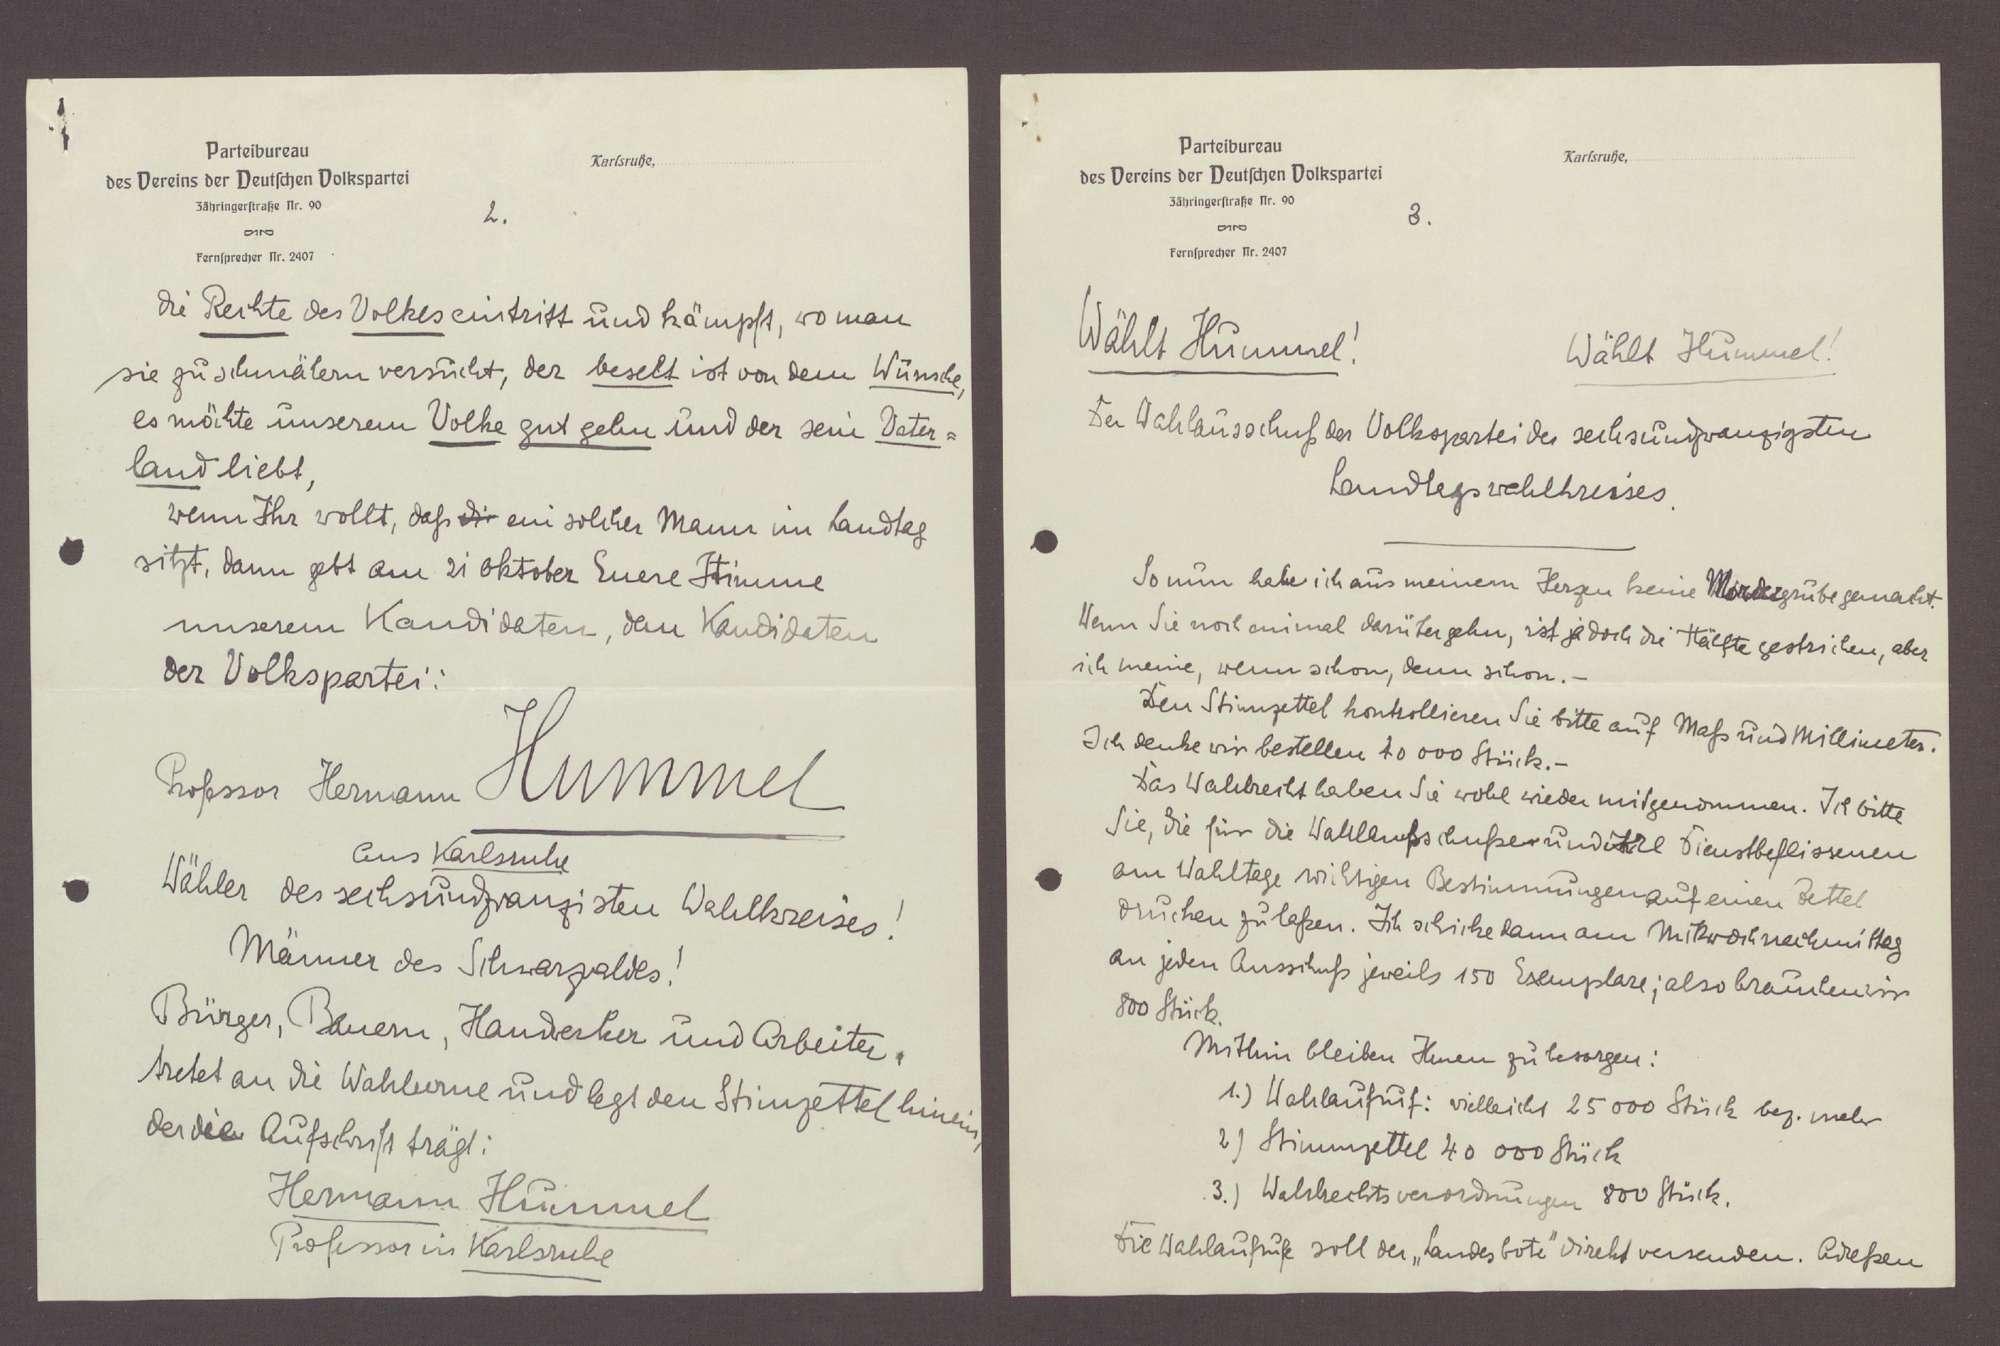 Schreiben von Otto Ernst Sutter, Triberg und St. Georgen, an Hermann Hummel: Wahlkampfreden, 2 Schreiben, Bild 2